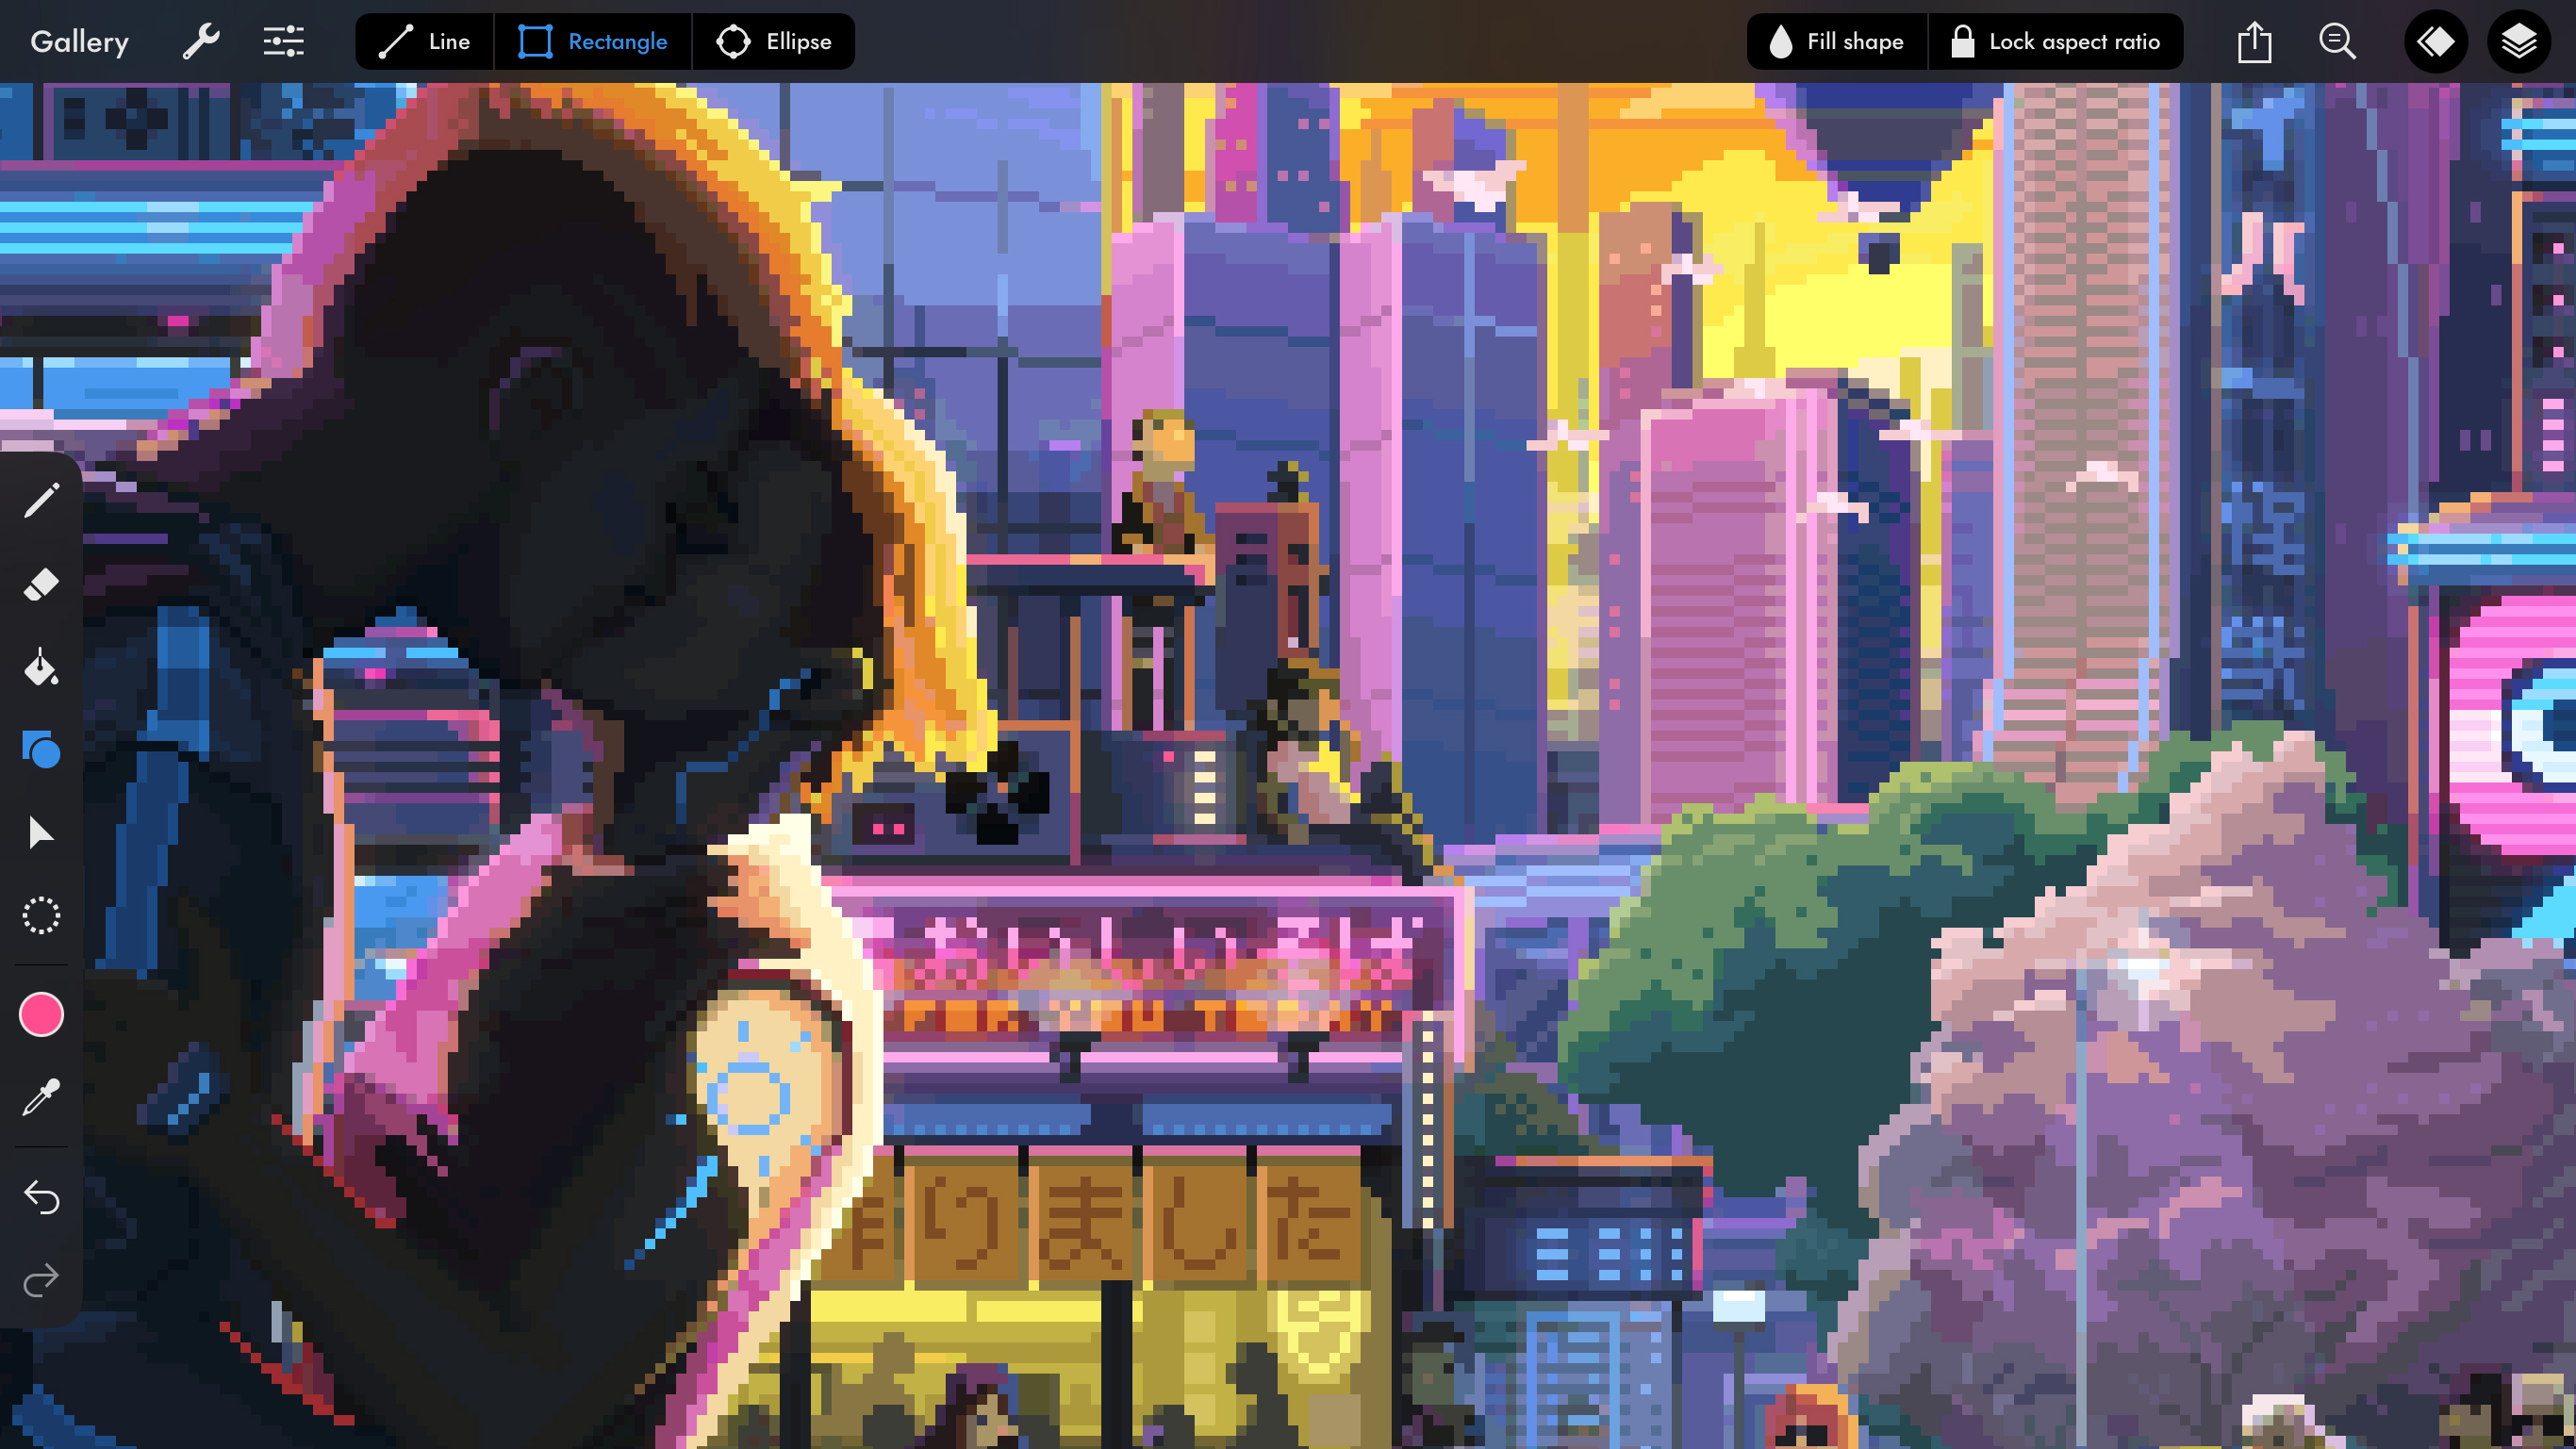 A screenshot showing Pixaki 4 Pro